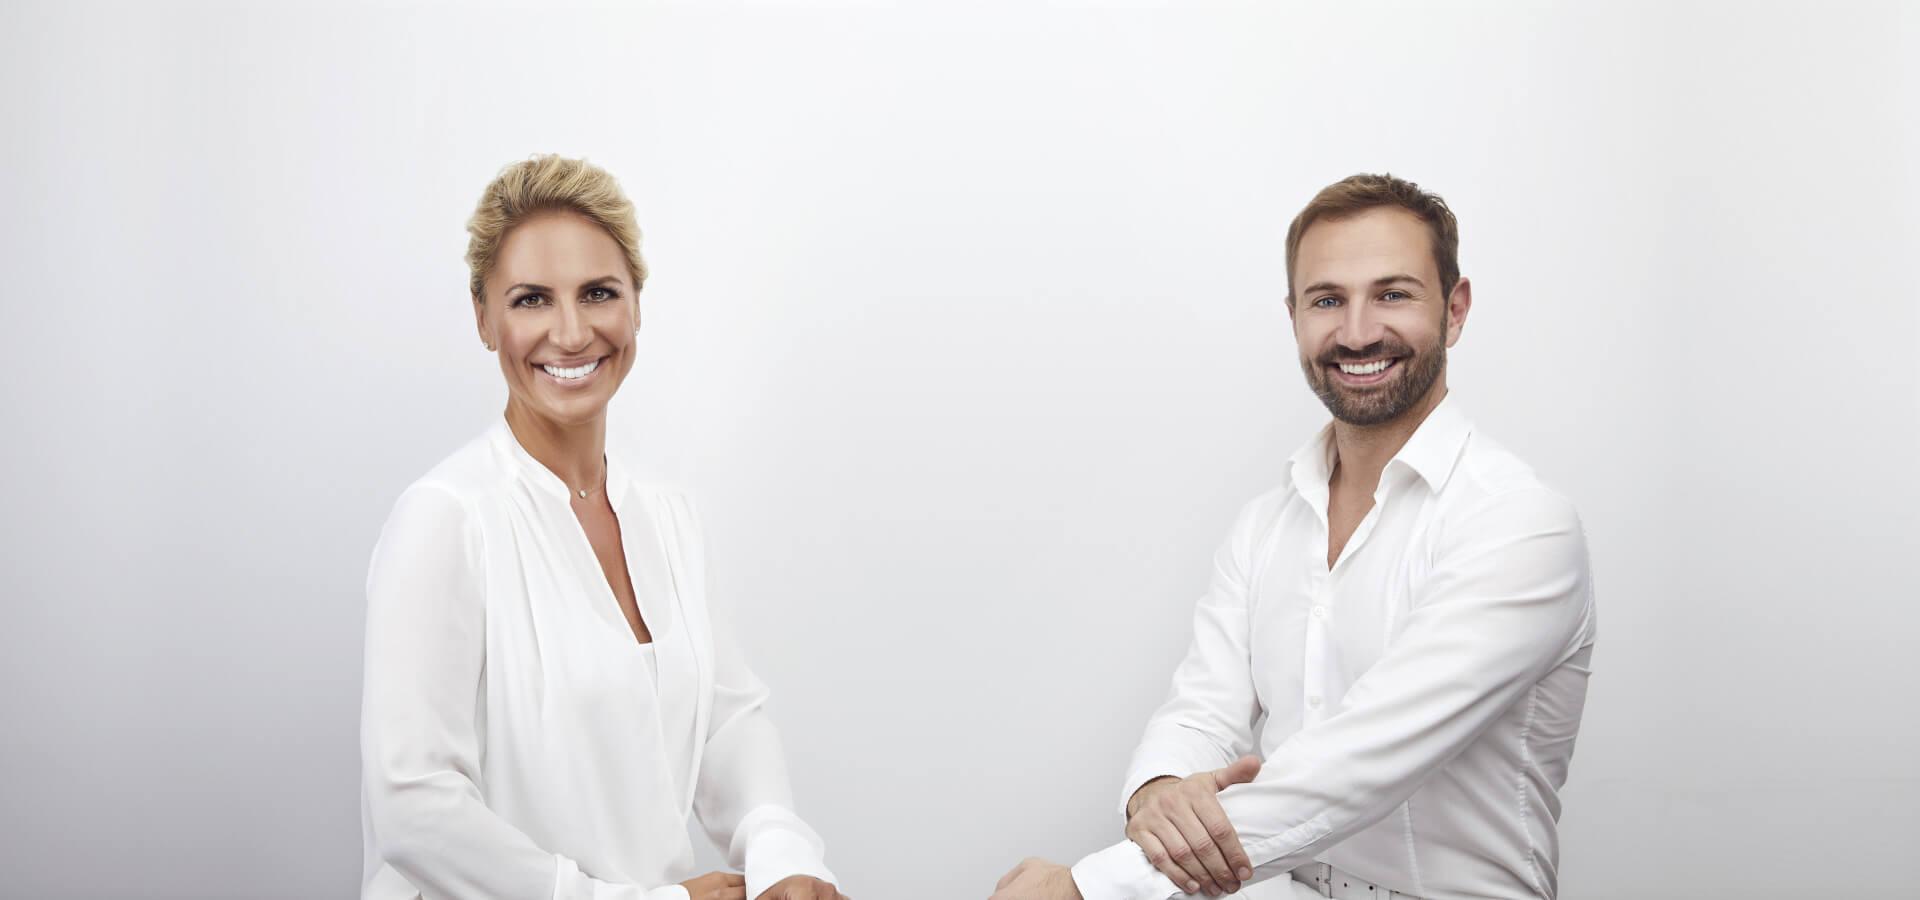 Ob Veneers, Implantate, Vollsanierung oder Bleaching für weißere Zähne – Discover White bietet Ihnen erstklassige Zahnbehandlungen auf höchstem Niveau